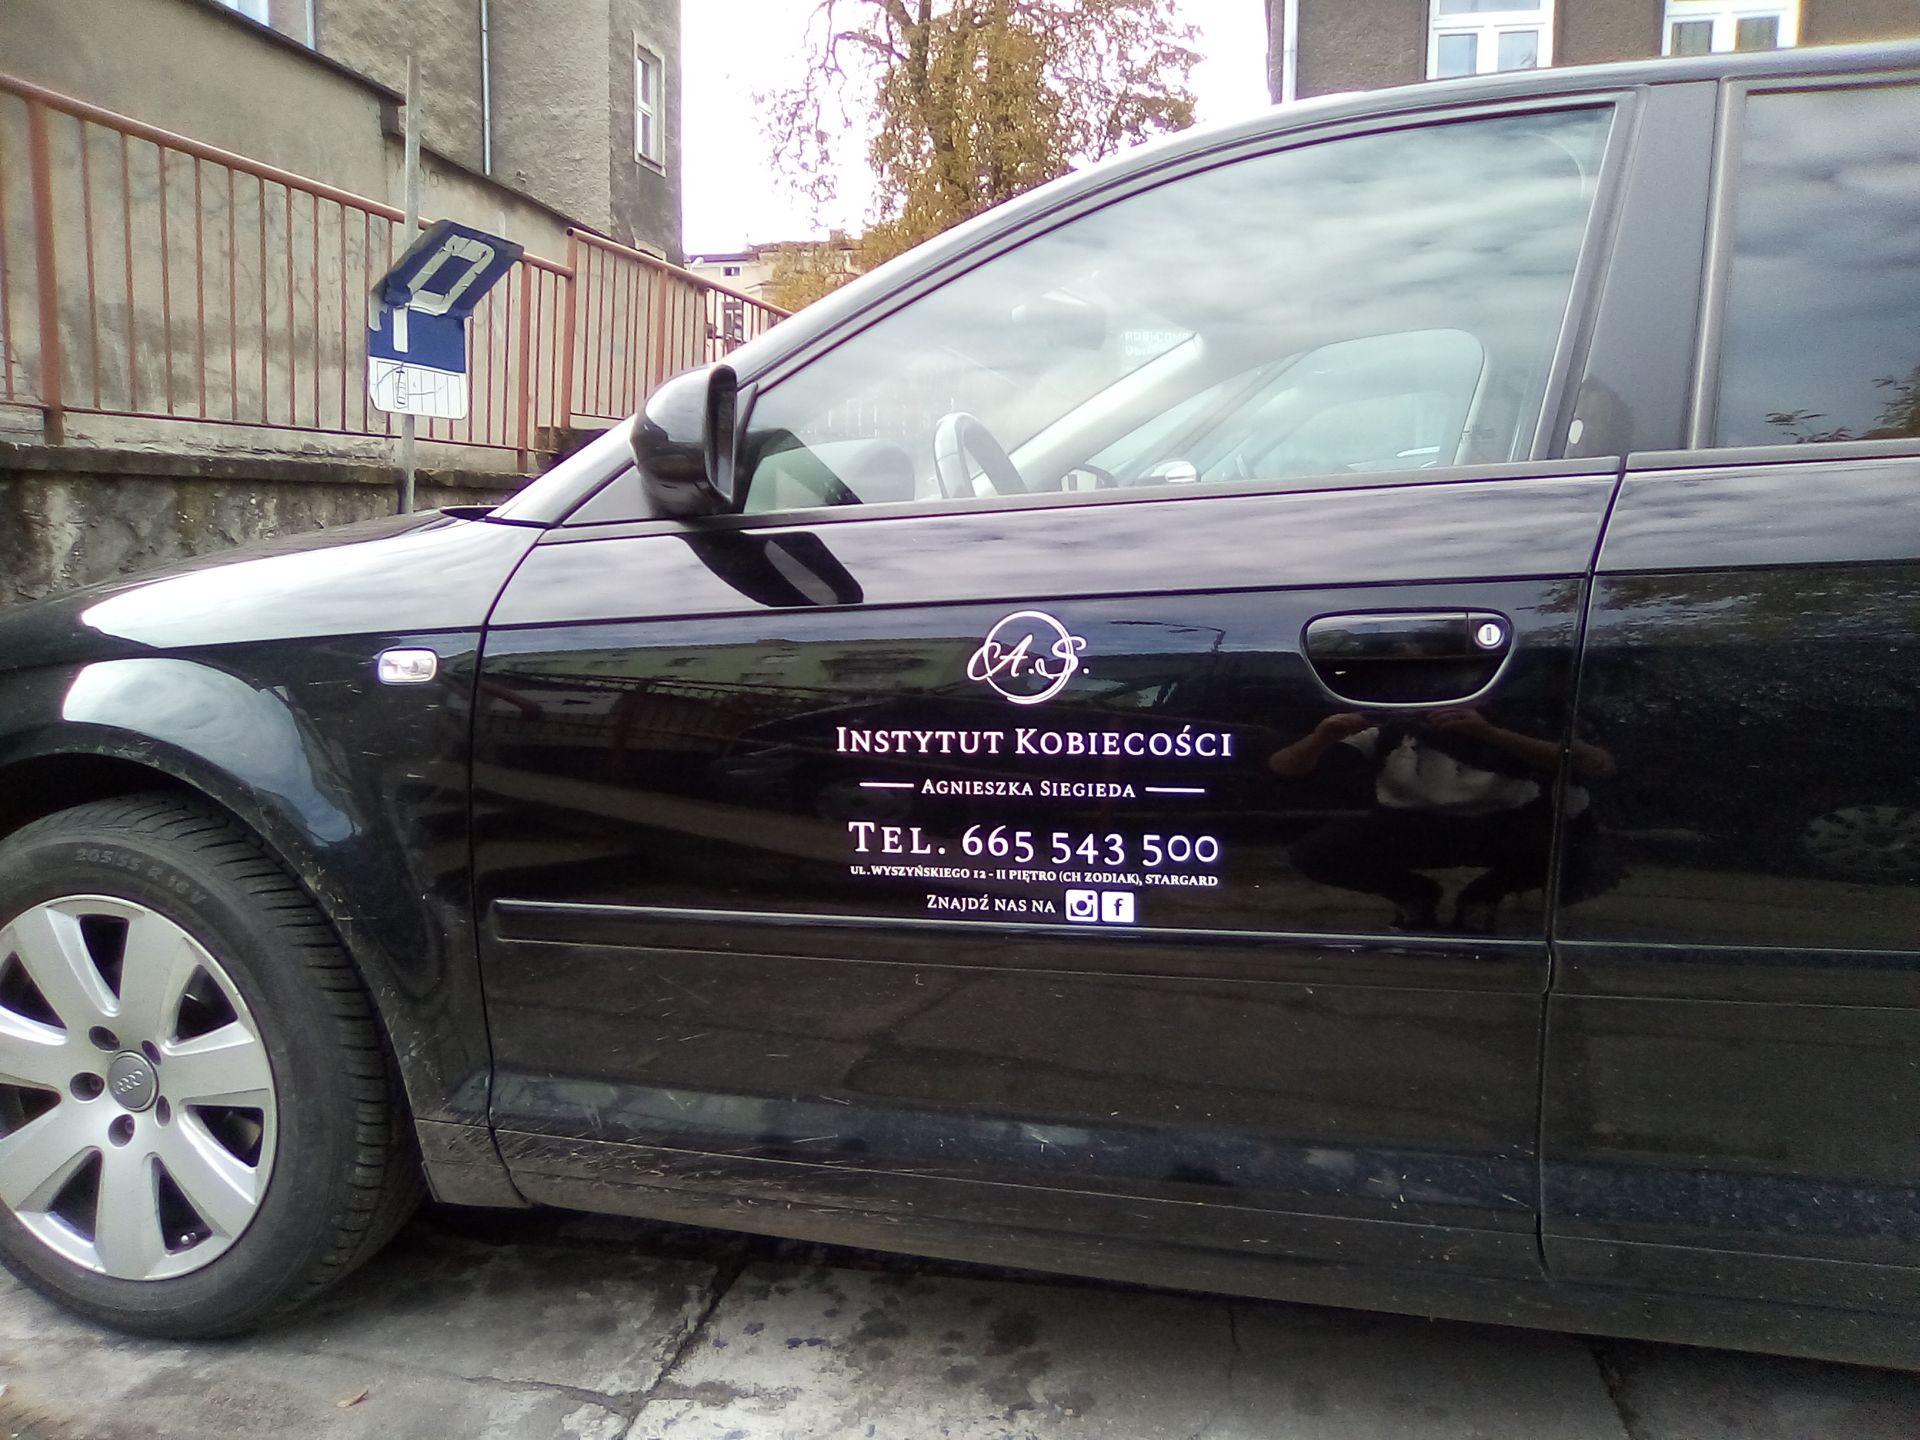 Oklejenie pojazdu dla Instytutu Kobiecości Agnieszka Siegieda